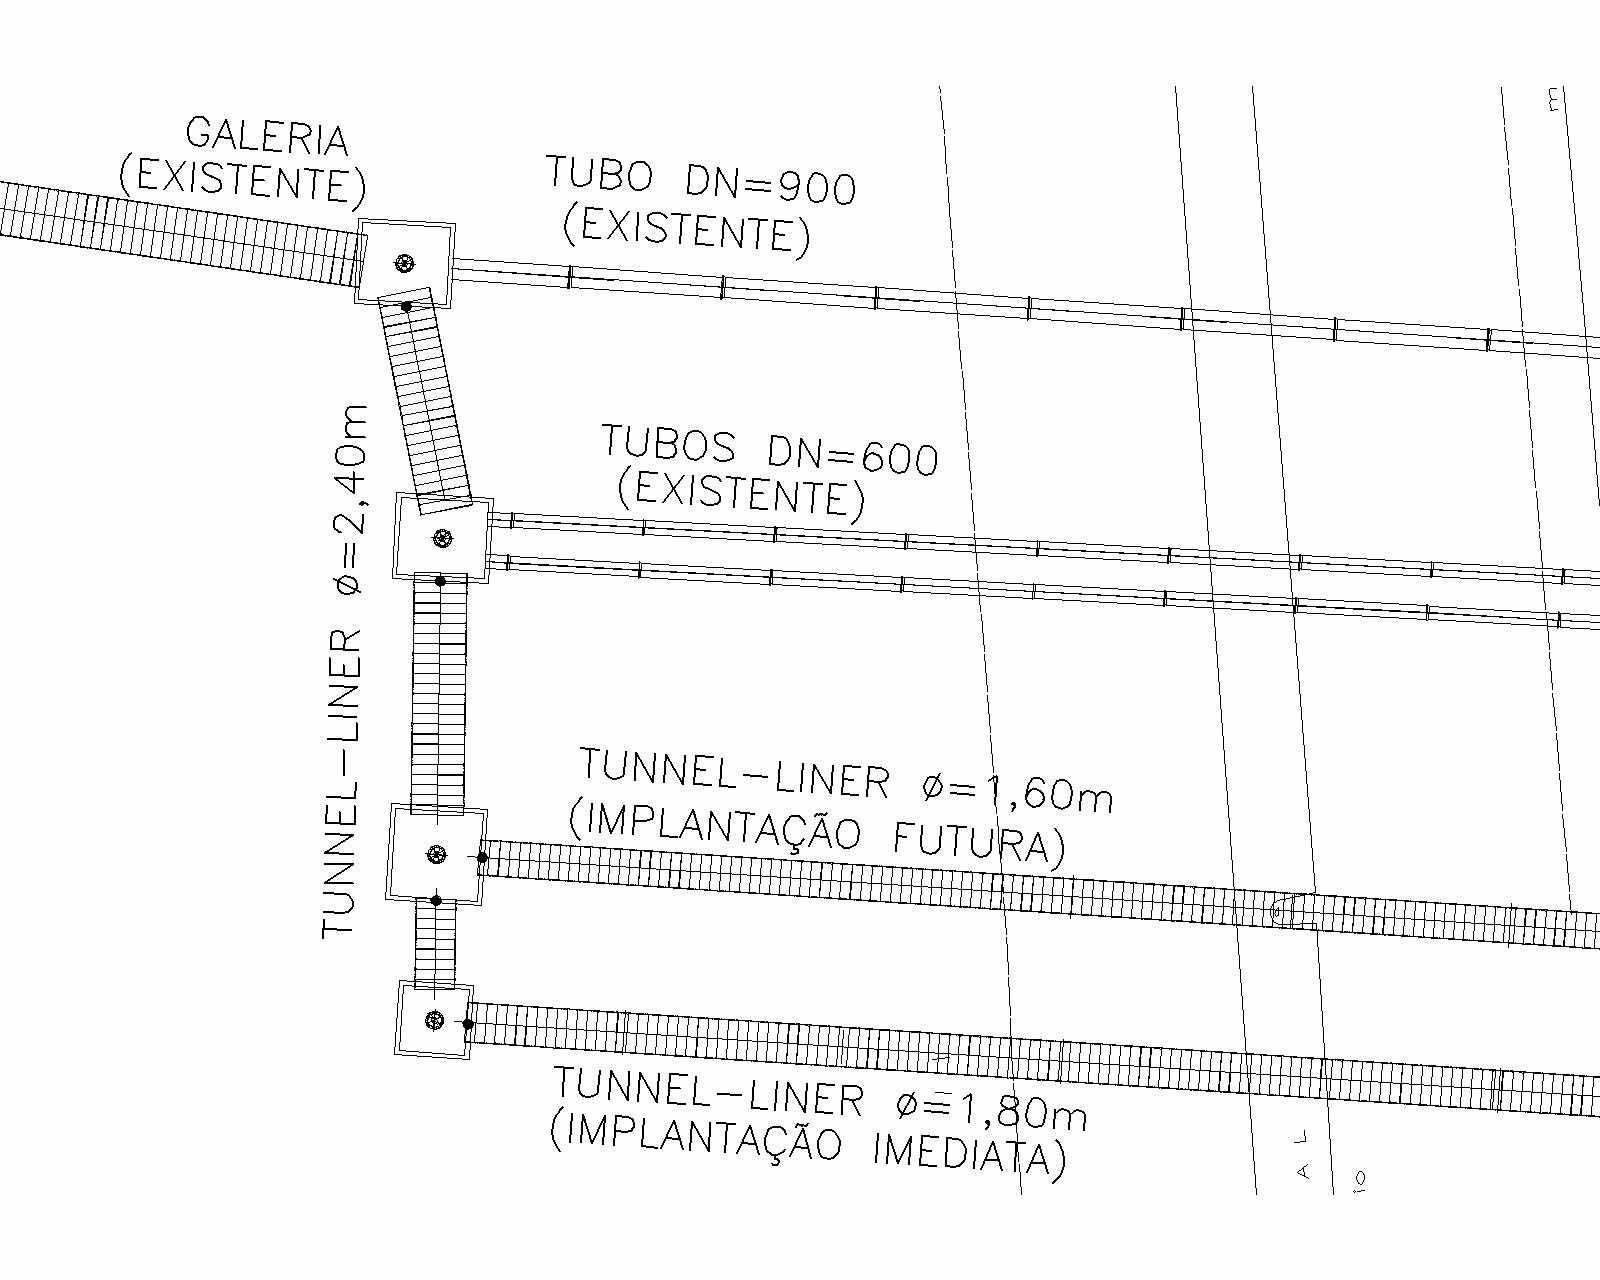 Figure 4 - schématique du système de drainage. Source: VIABAHIA (2016)